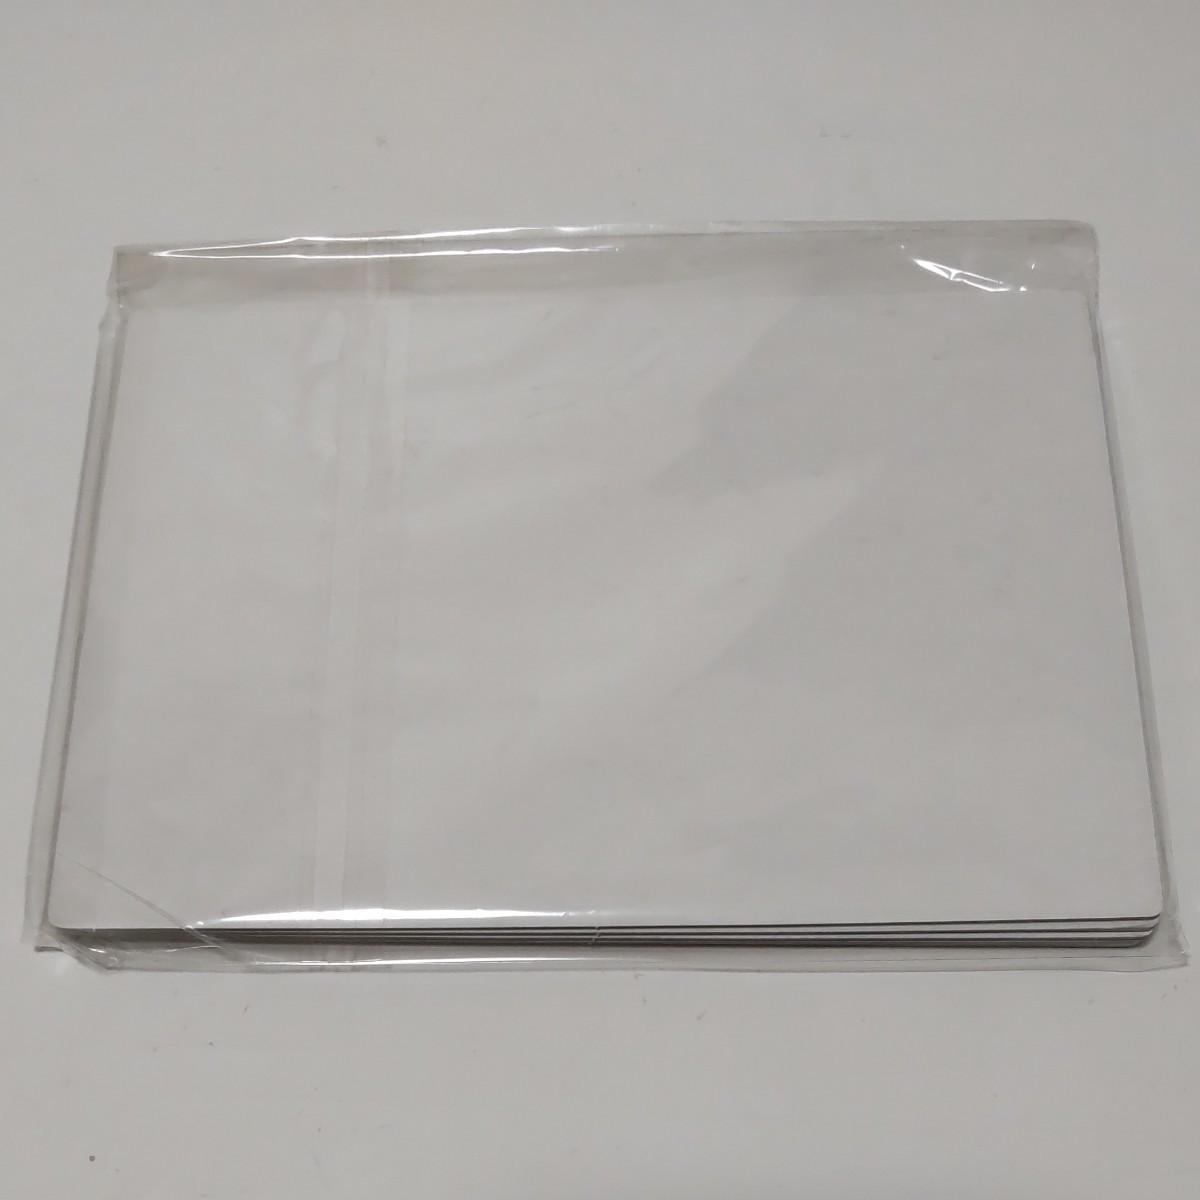 鬼滅の刃 無限列車編 Blu-ray/DVD 完全生産限定版 ufotable 特典 エンドロール 煉獄杏寿郎